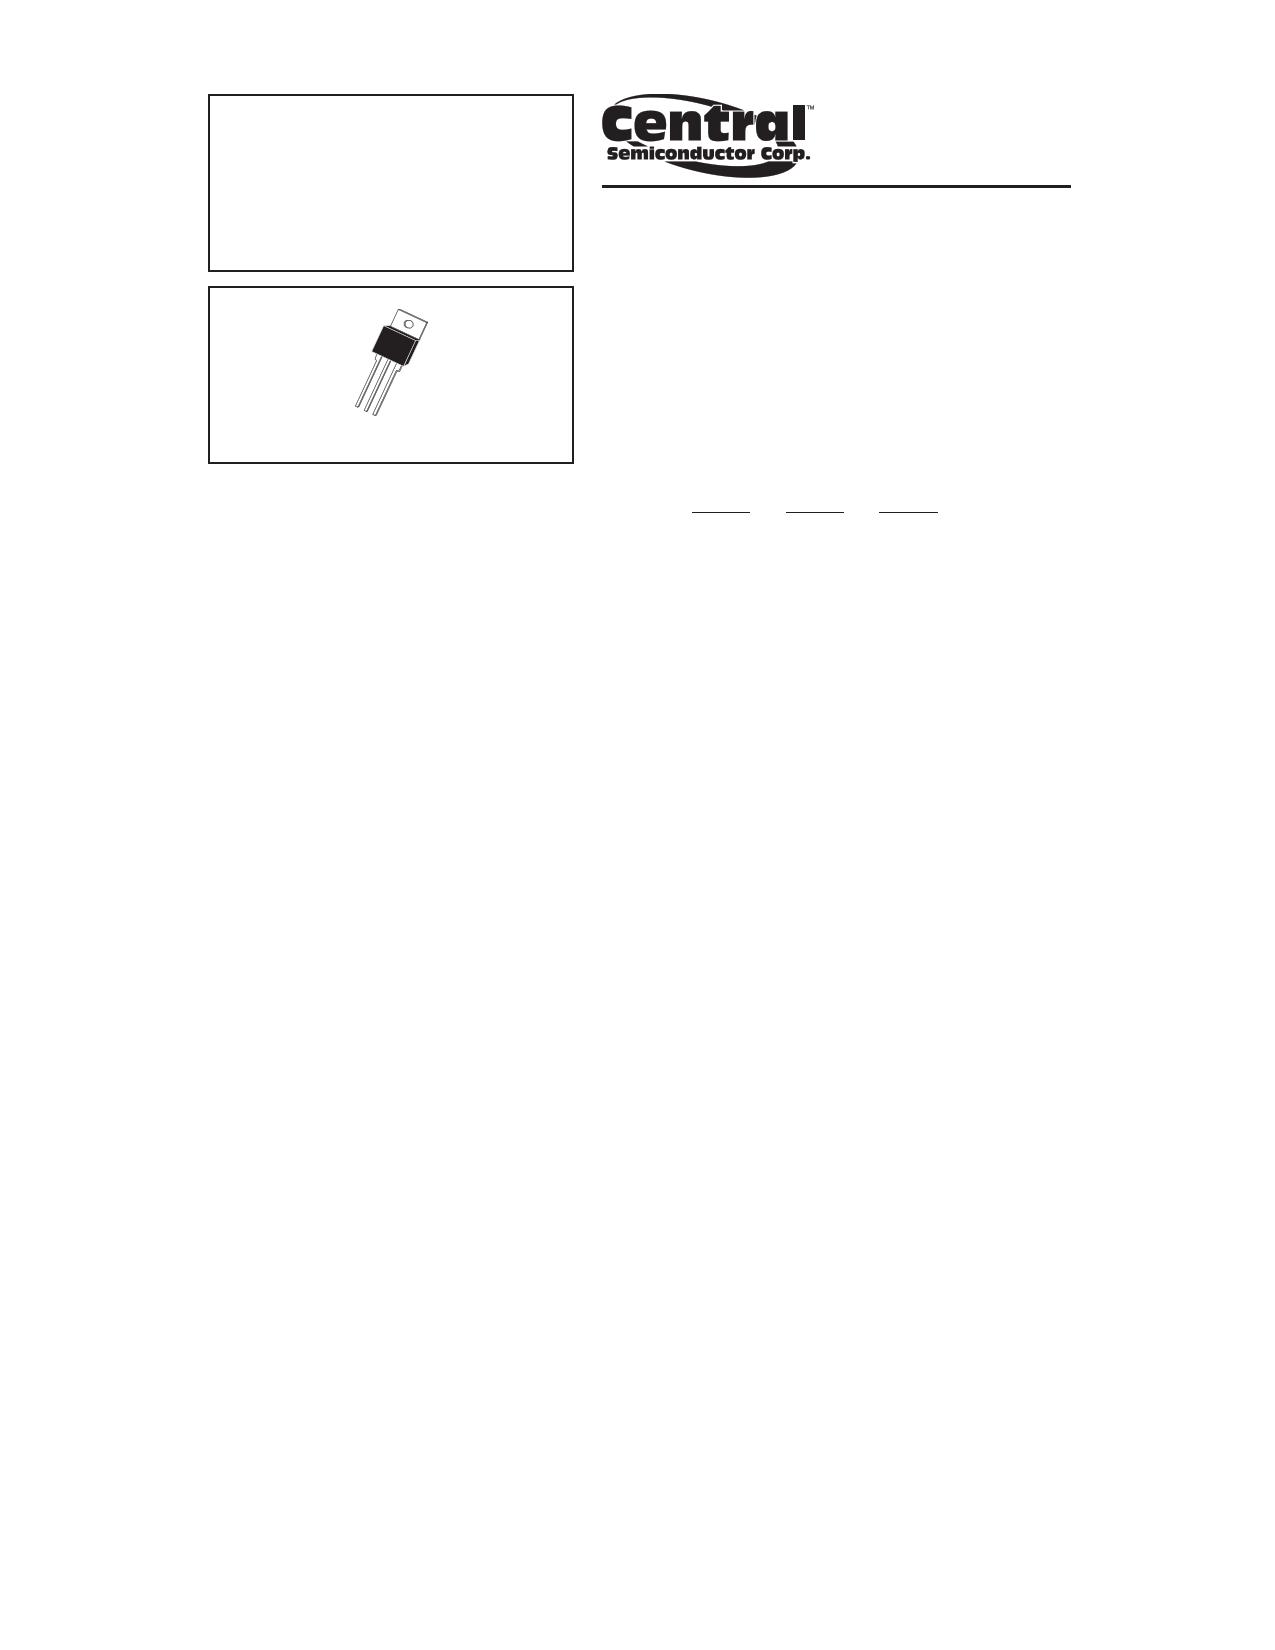 2N6044 Datasheet, 2N6044 PDF,ピン配置, 機能